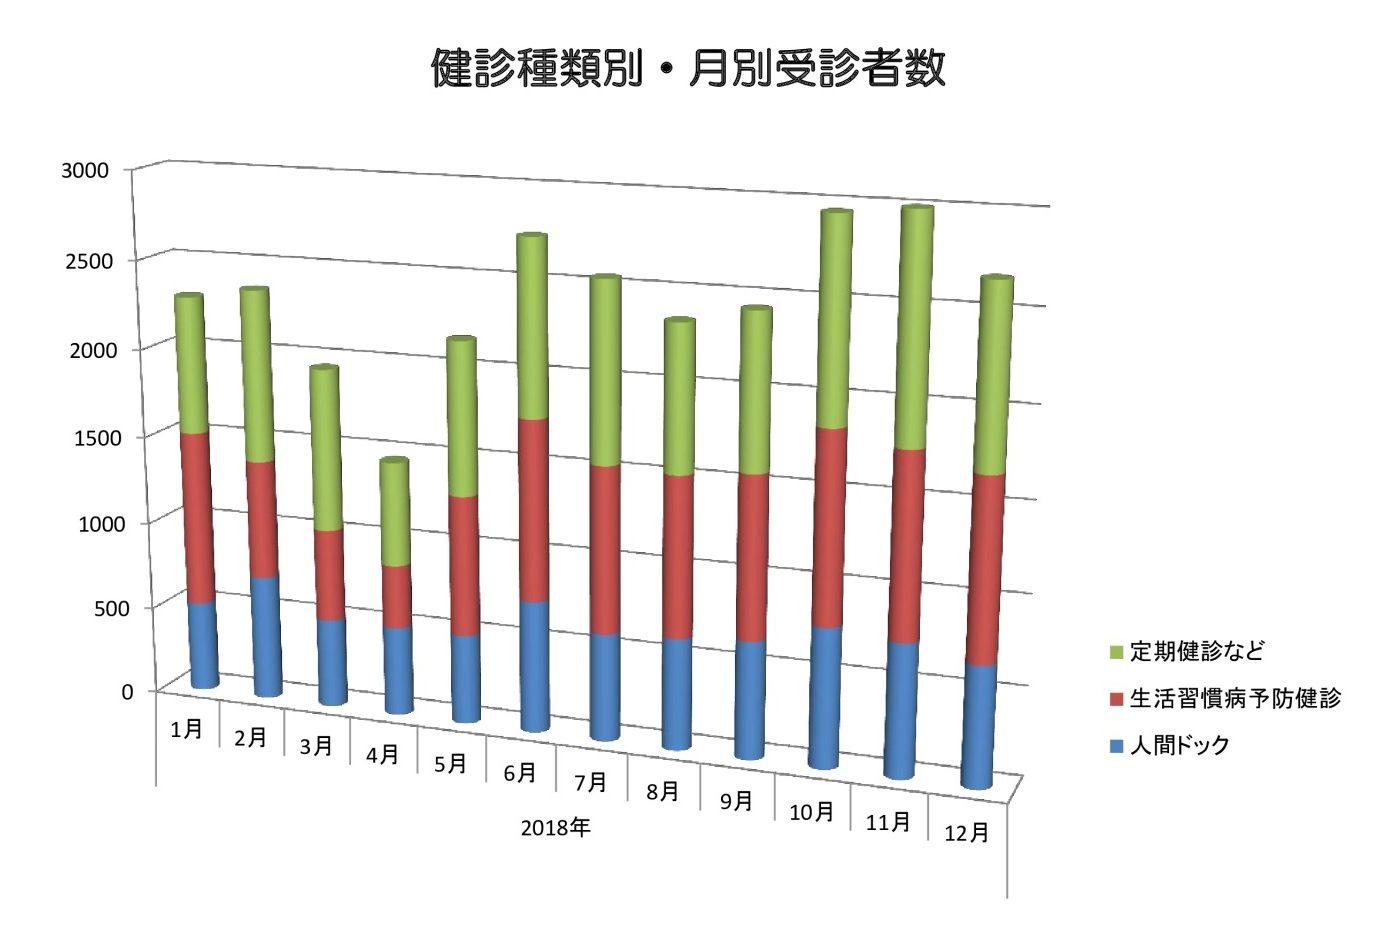 2018年月別受診者数グラフのサムネイル